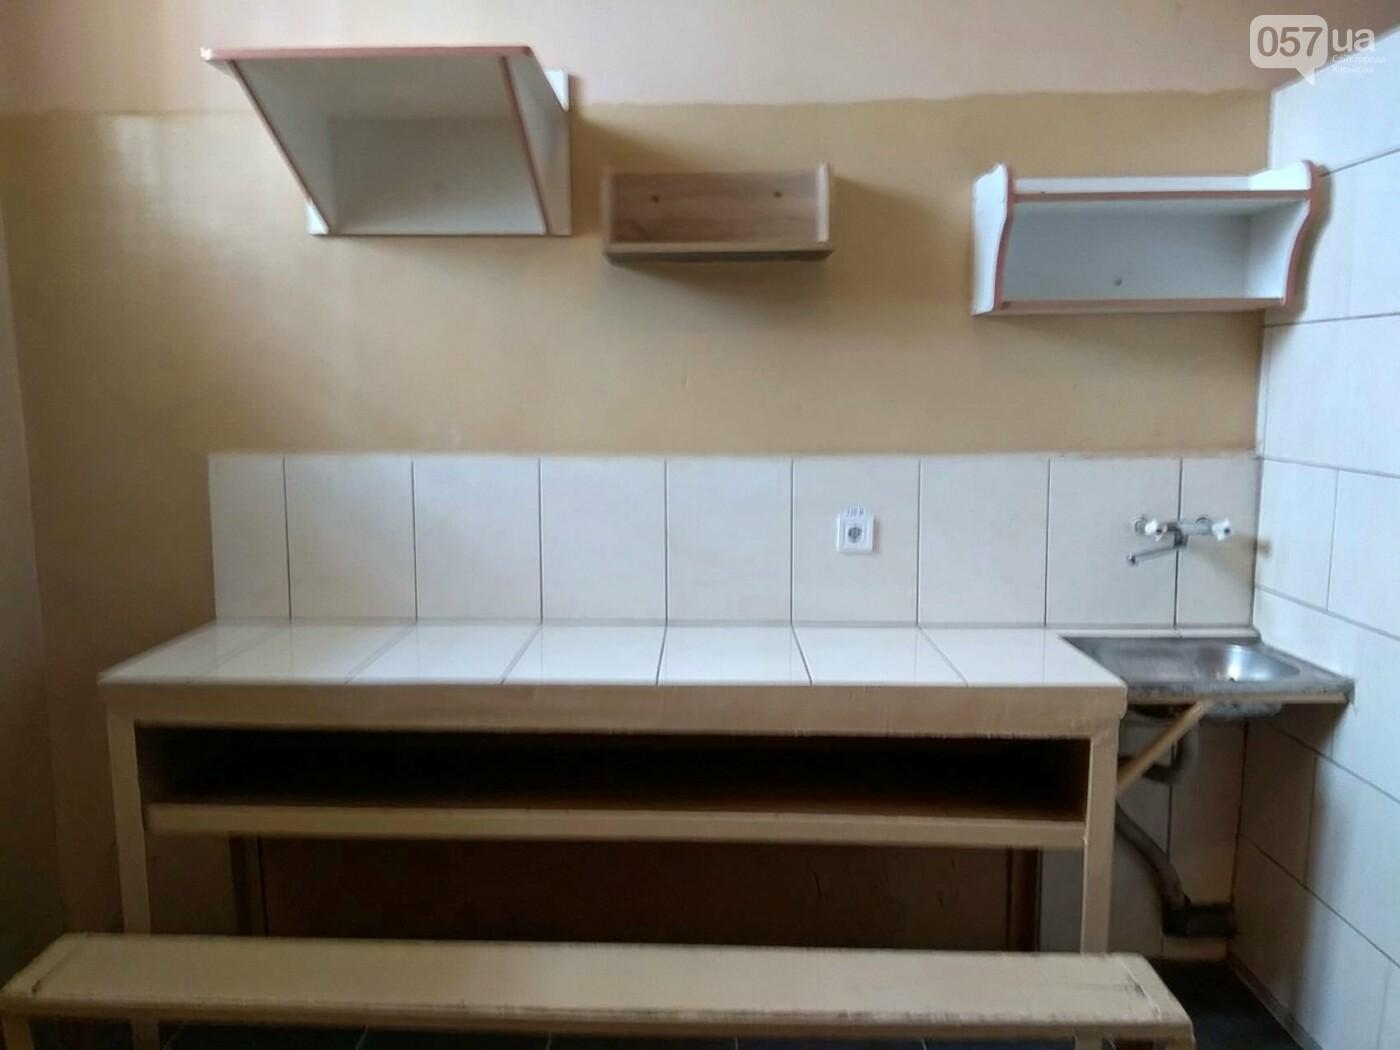 Общий душ, учебные классы и комната отдыха. В каких условиях содержат подростков в Харьковском СИЗО, - ФОТО, фото-3